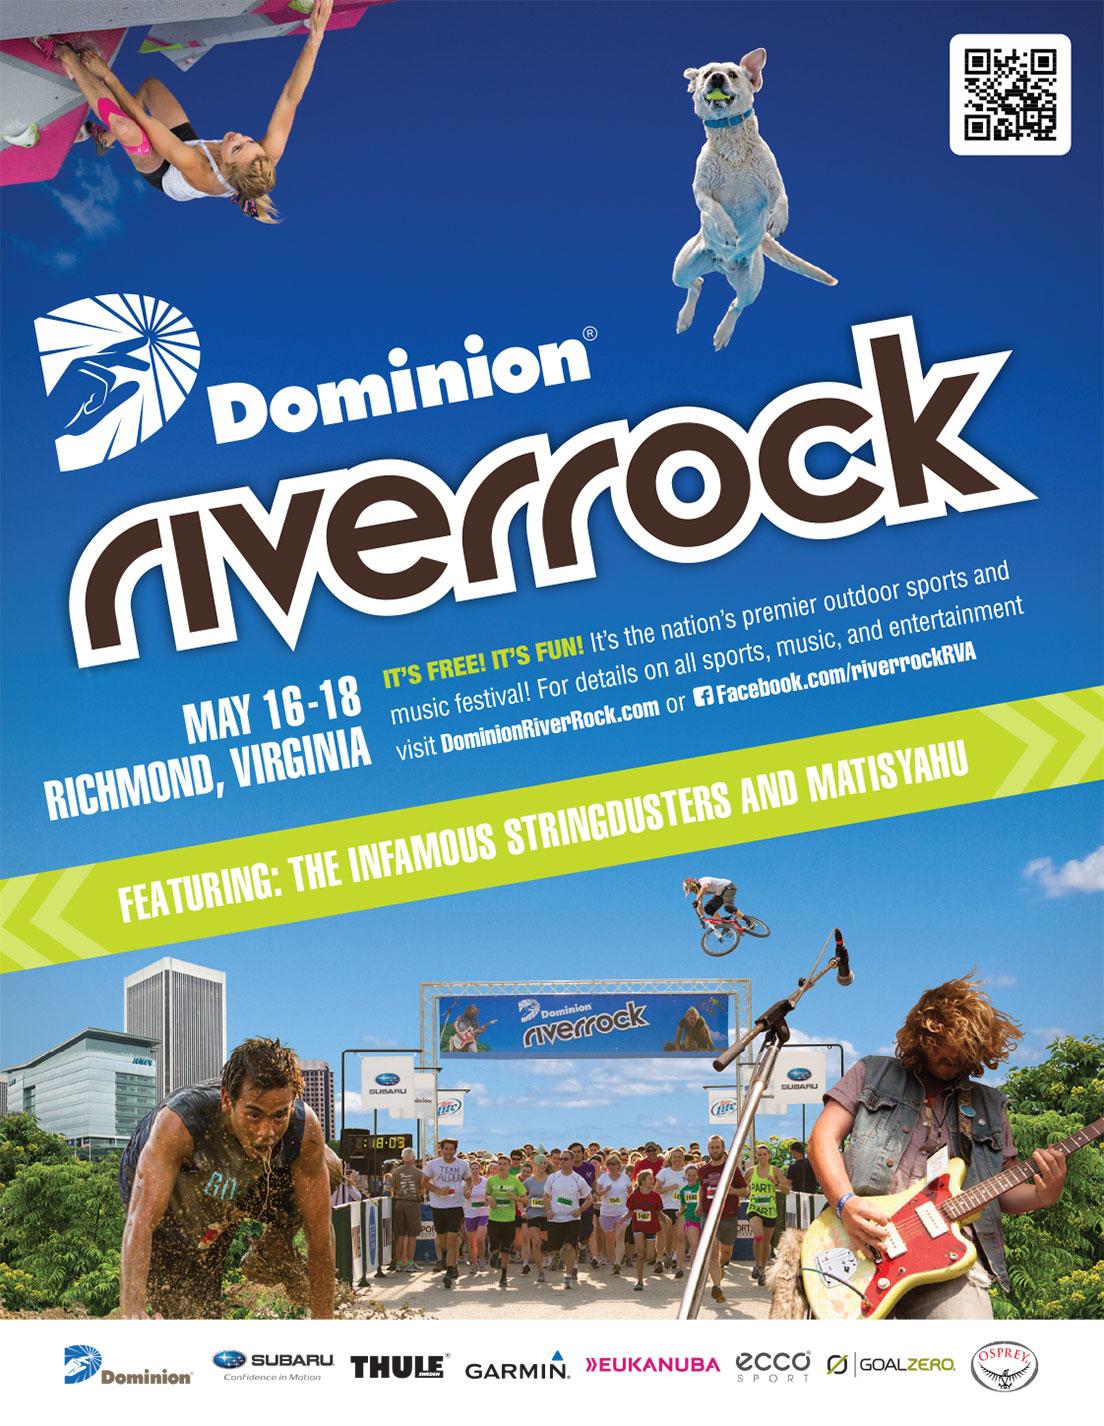 Print Ad for Dominion Riverrock